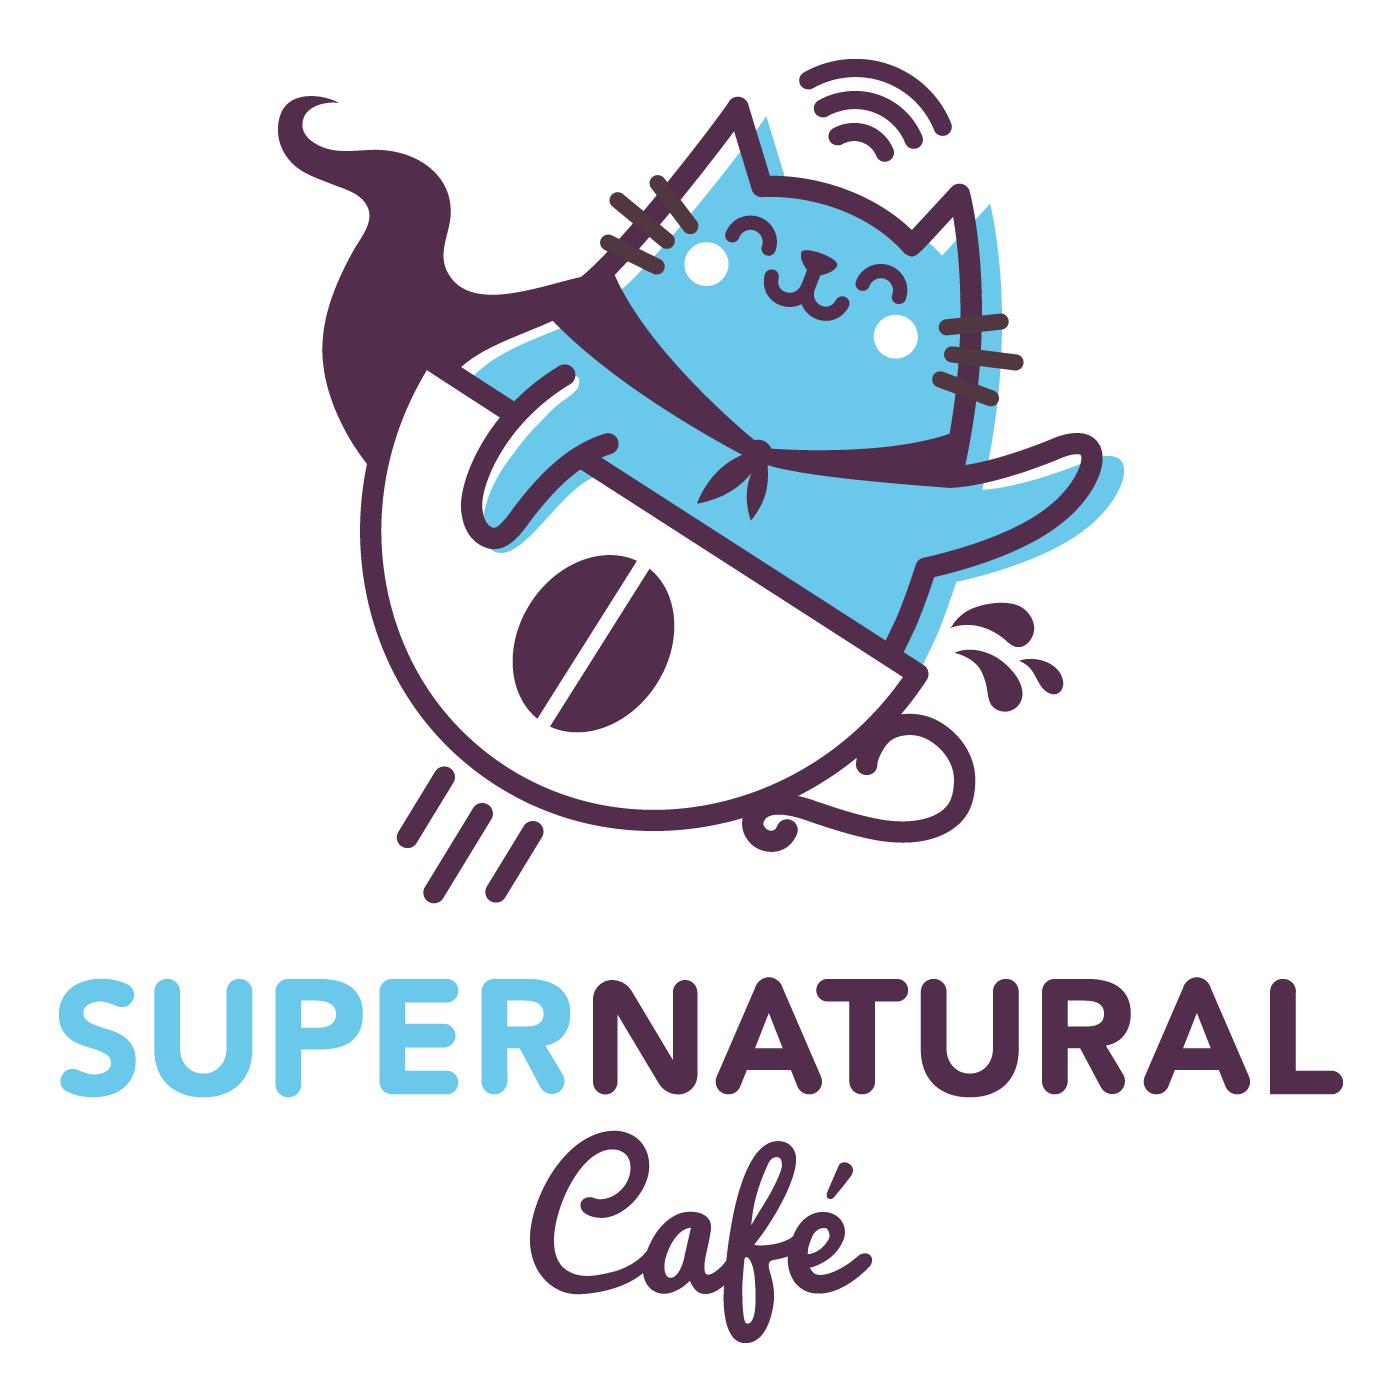 Supernatural Café - Il Podcast per chi vuole vedere il mondo da altri punti di vista show art